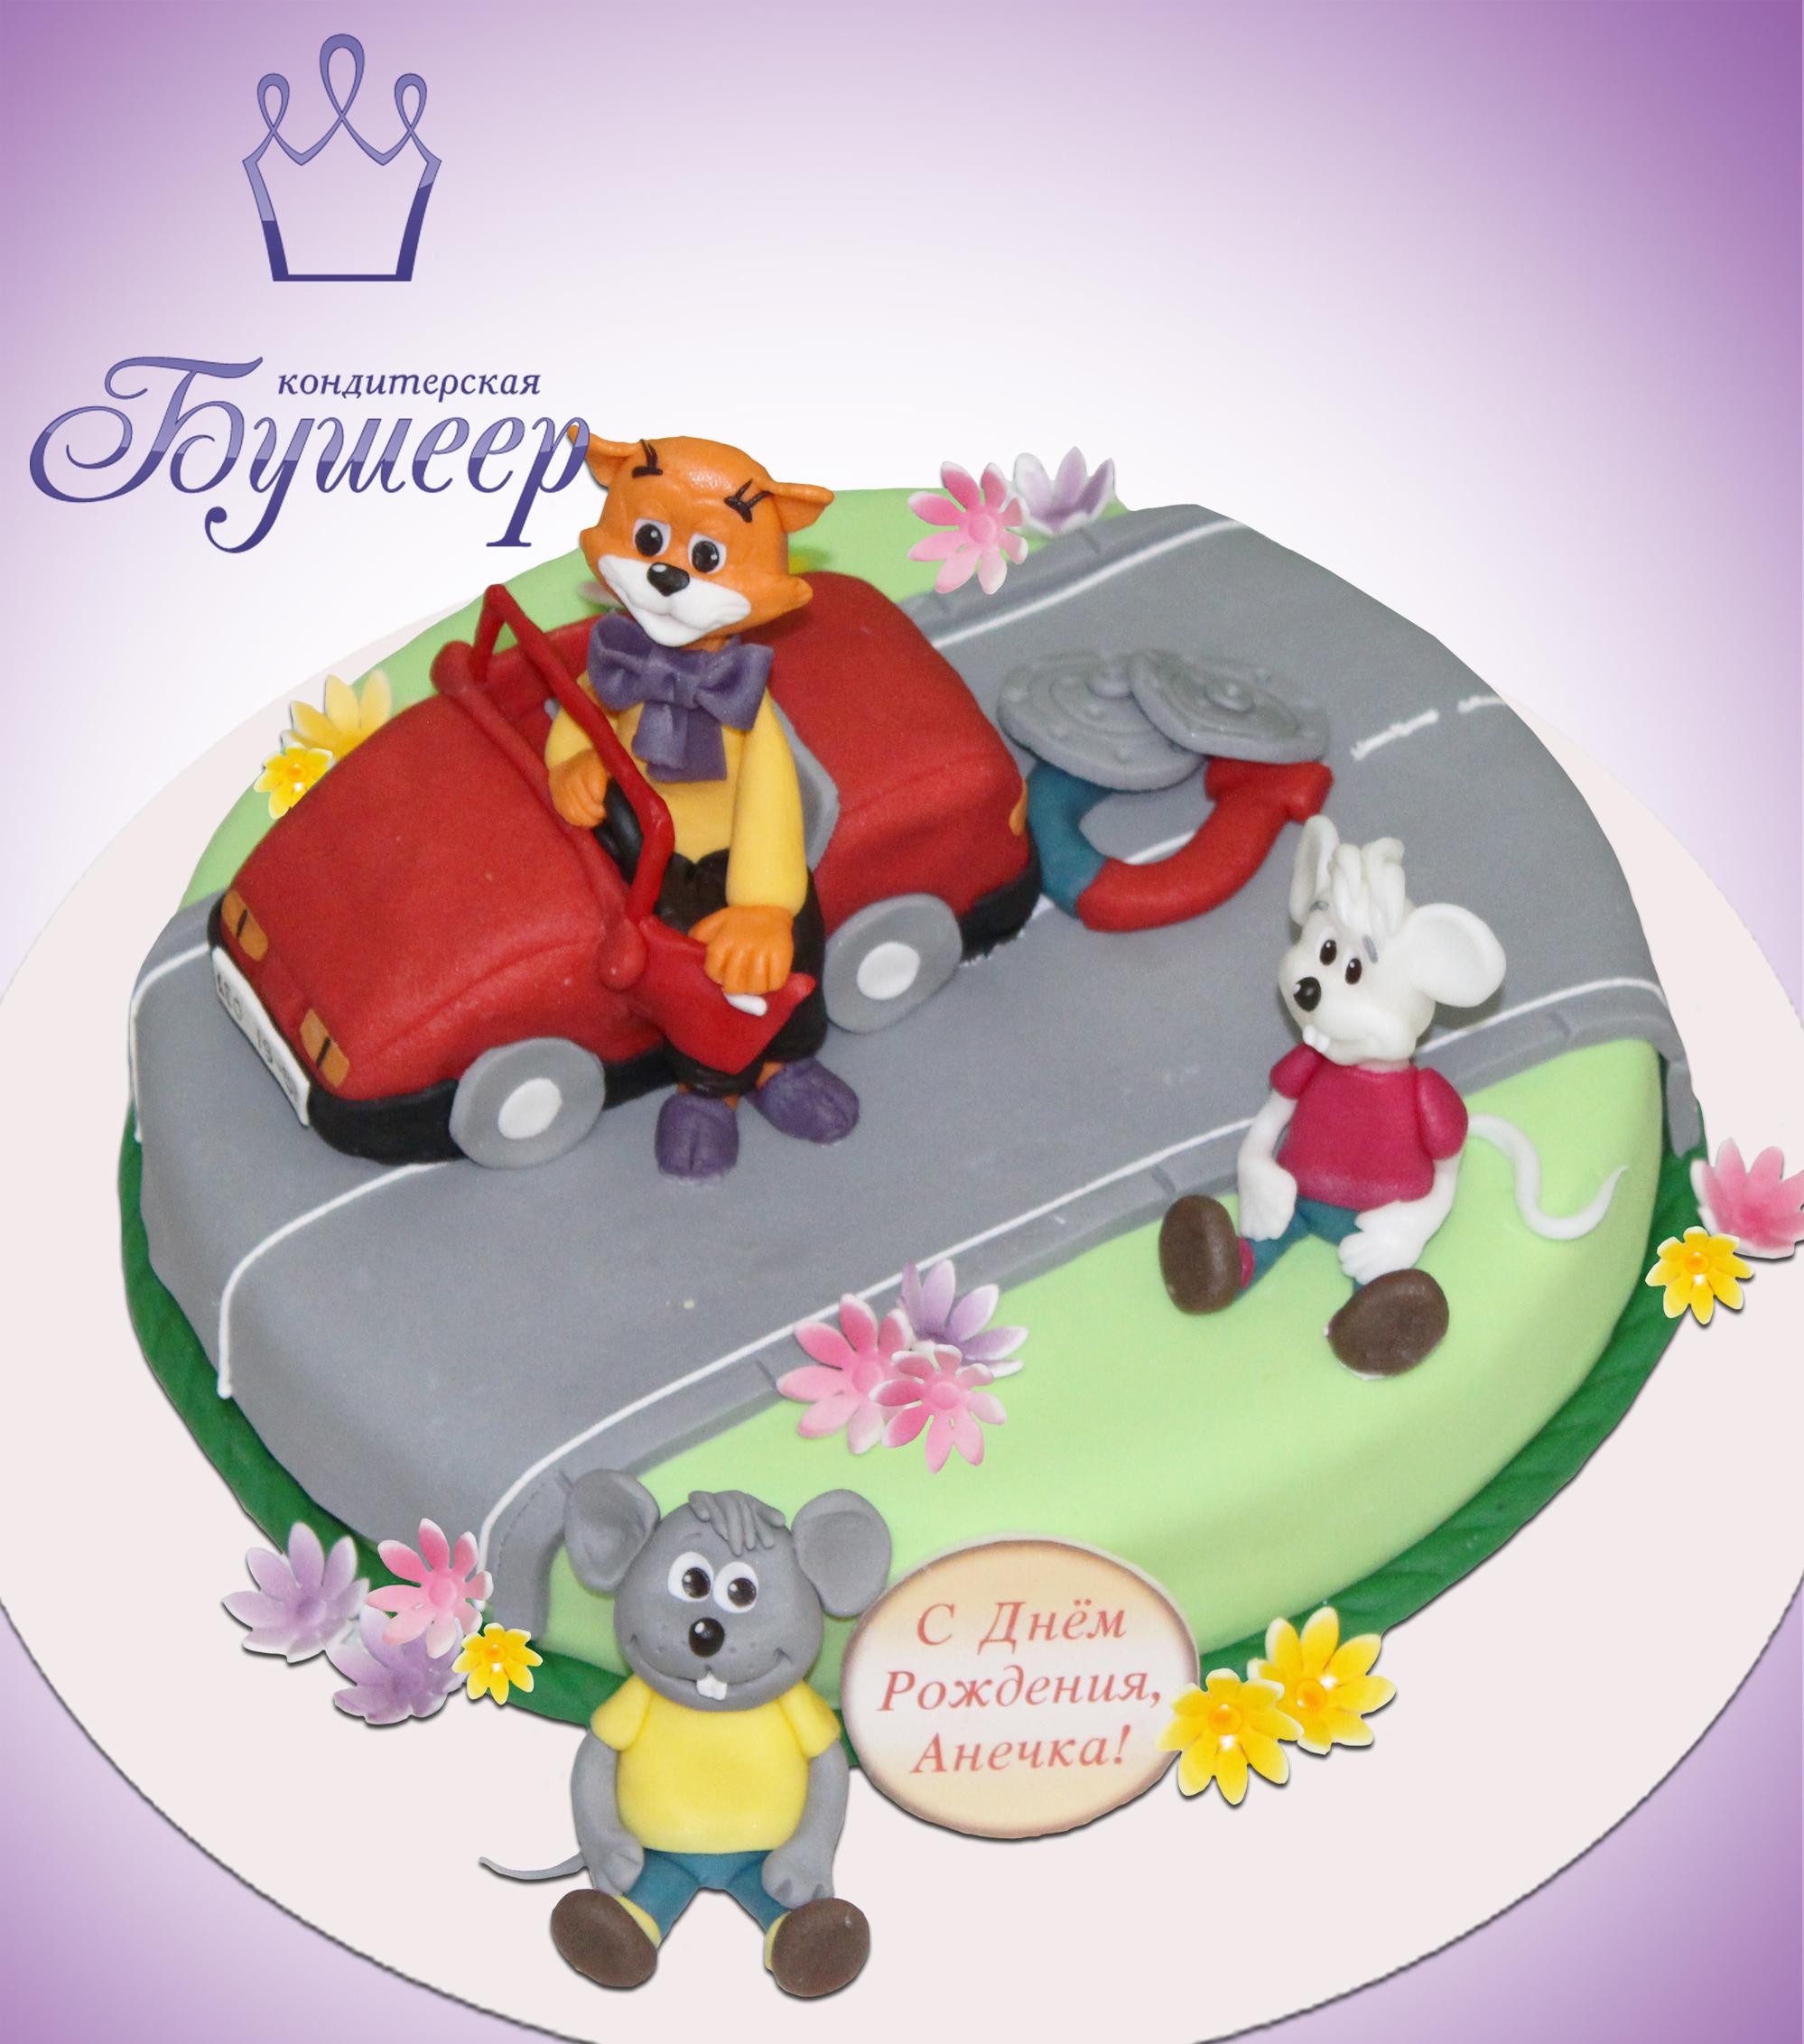 Фото торта с котом леопольдом